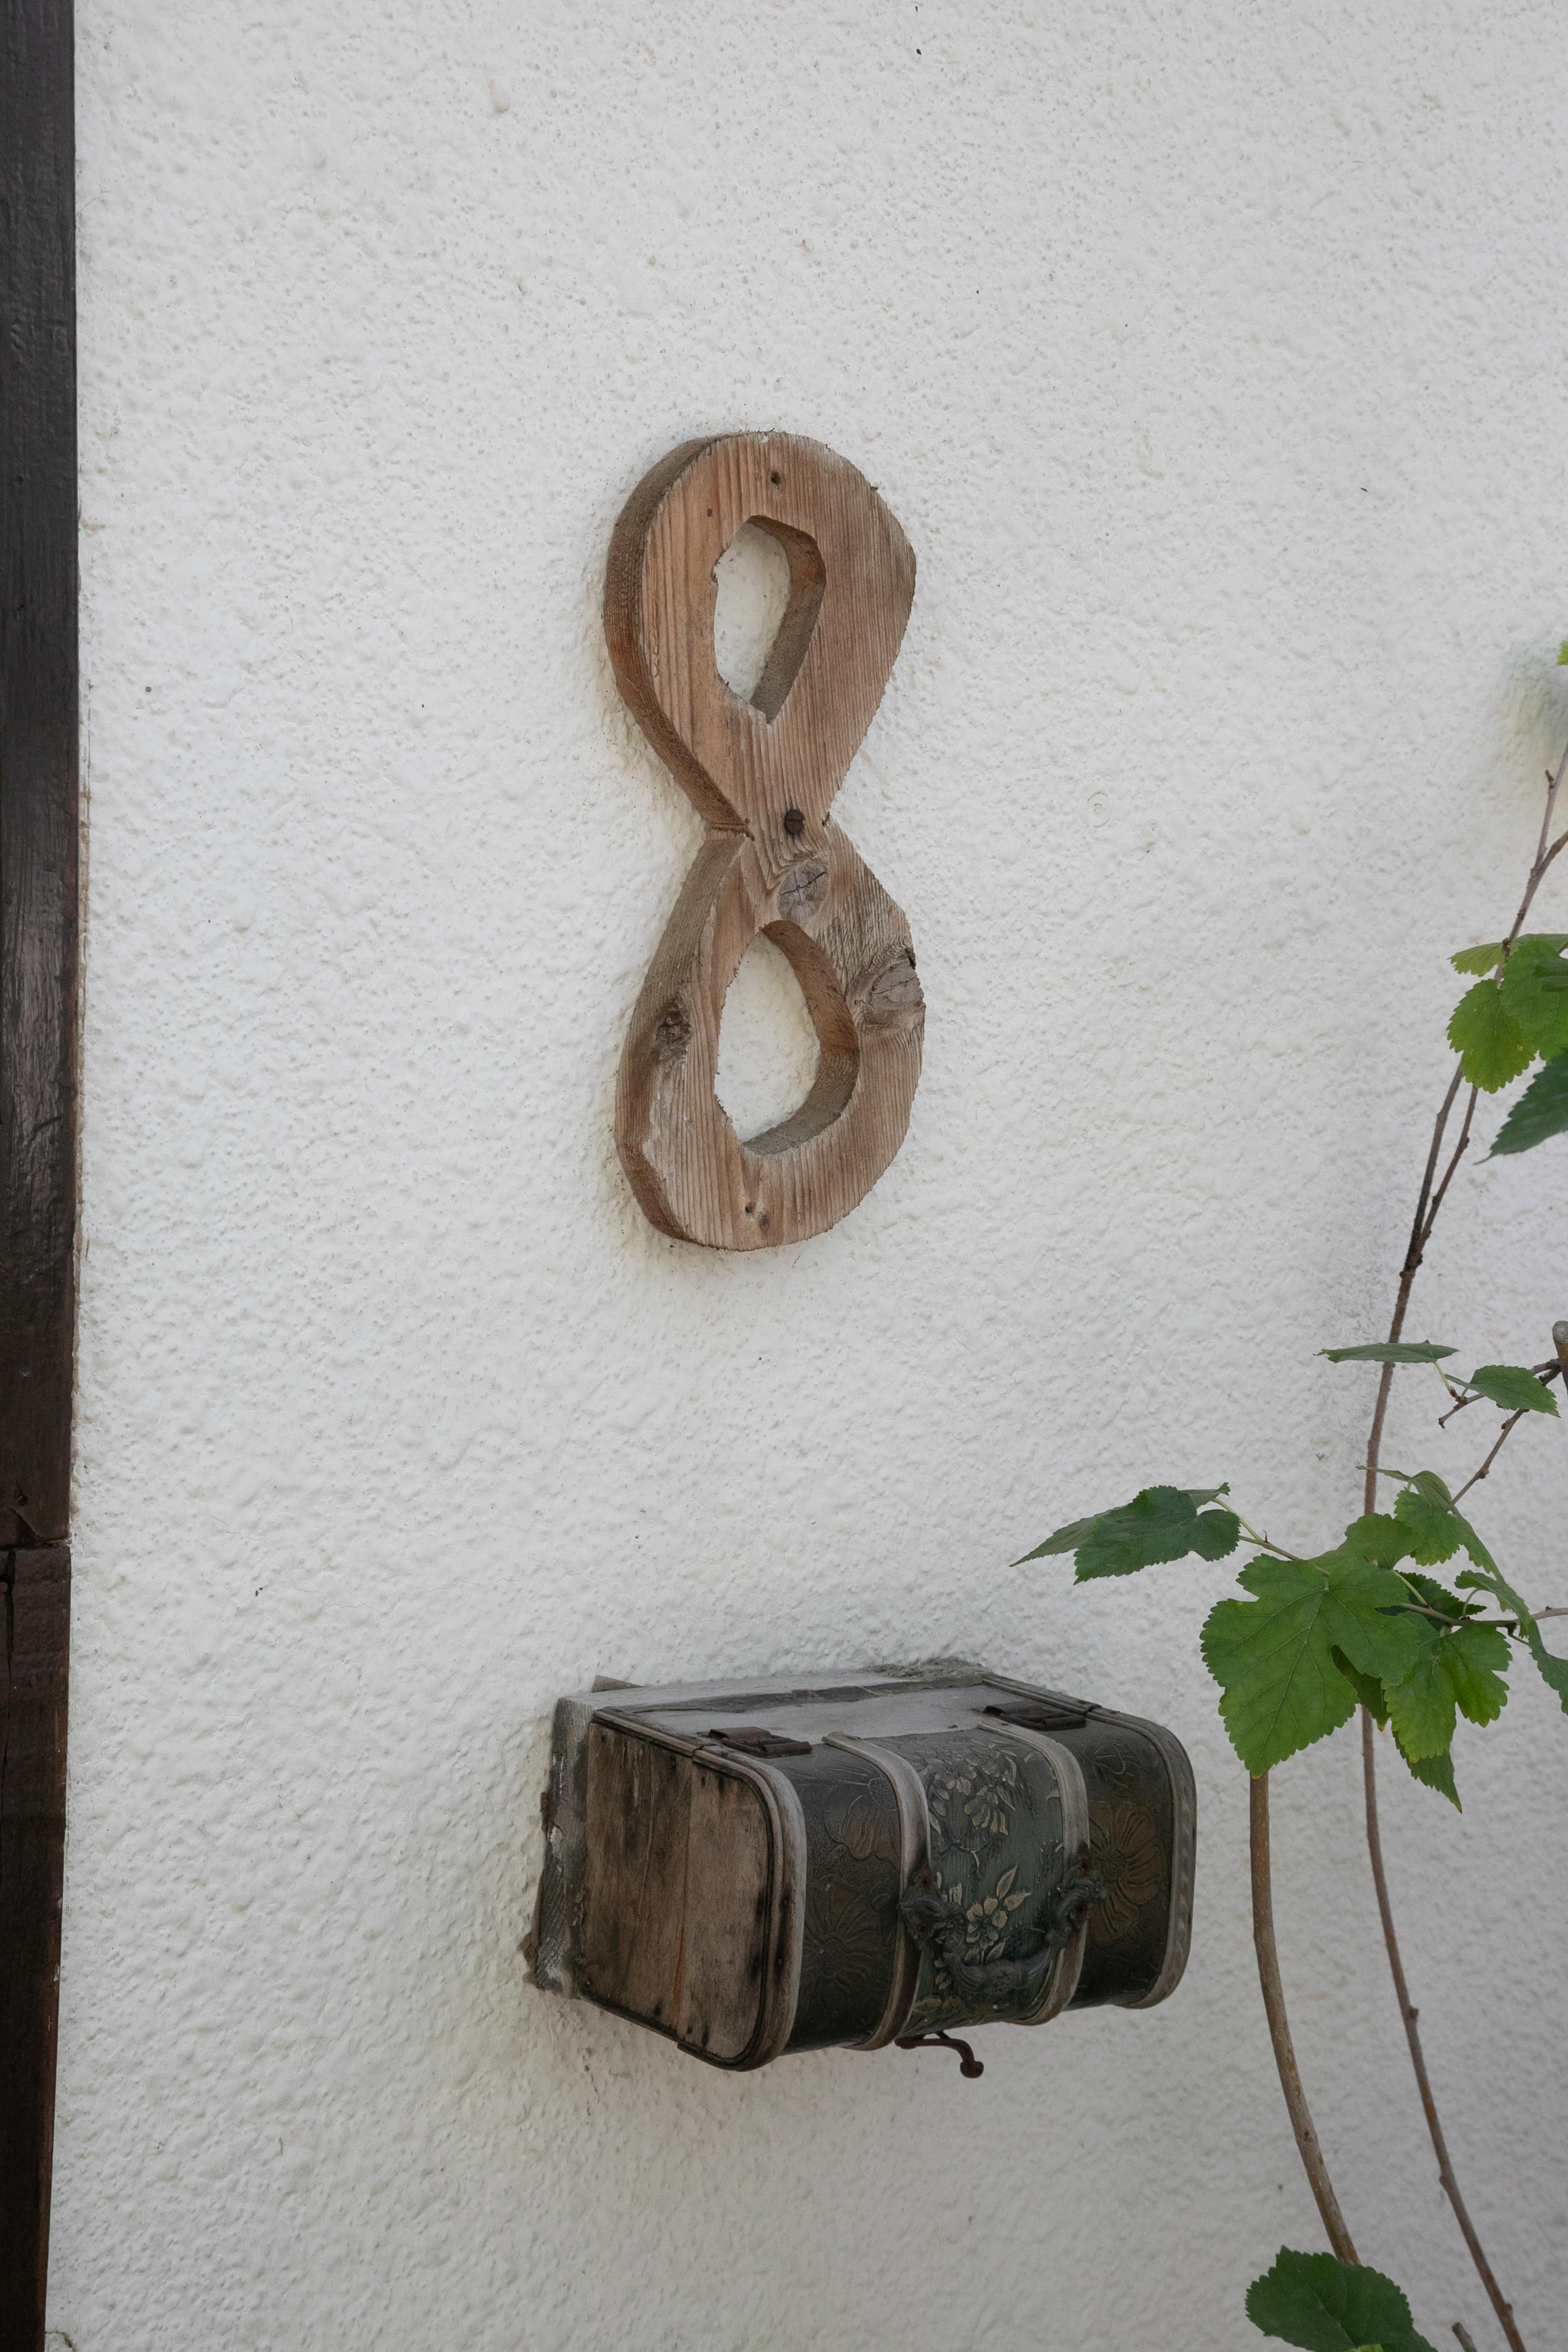 חדר מס' 8 - חדר משפחתי - מלון למזכרת